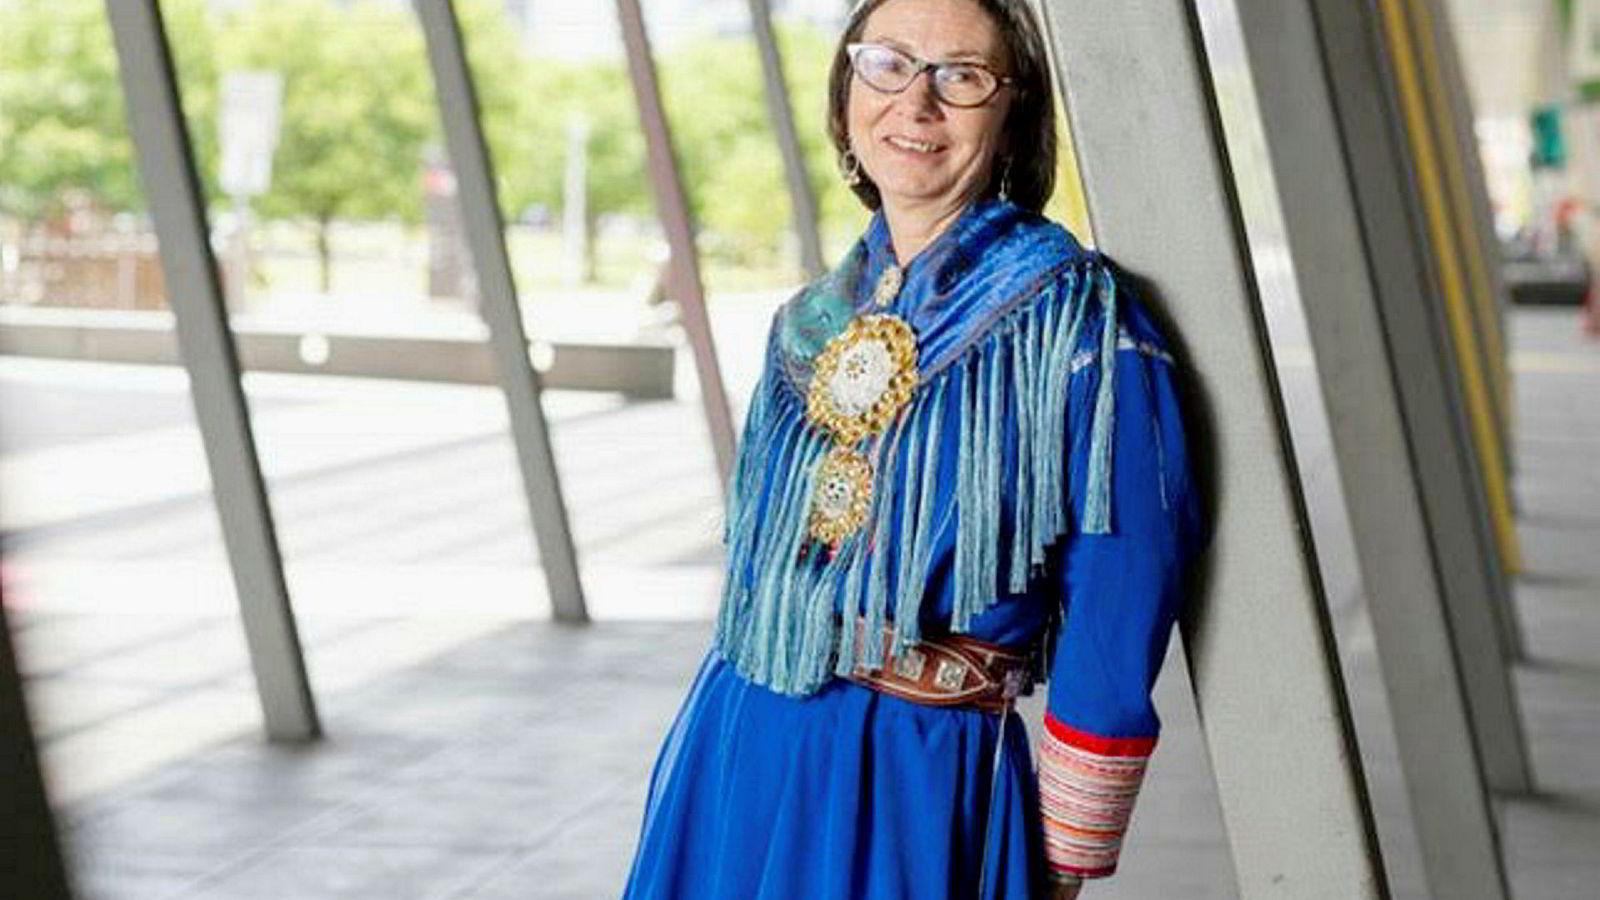 Gunn Kristin Heatta er en av flere kvinnelige ledere ved Finnmarkssykehuset. Hun bor og jobber i de to eneste kommunene i Norge hvor kvinner har høyere bruttoinntekt enn menn.